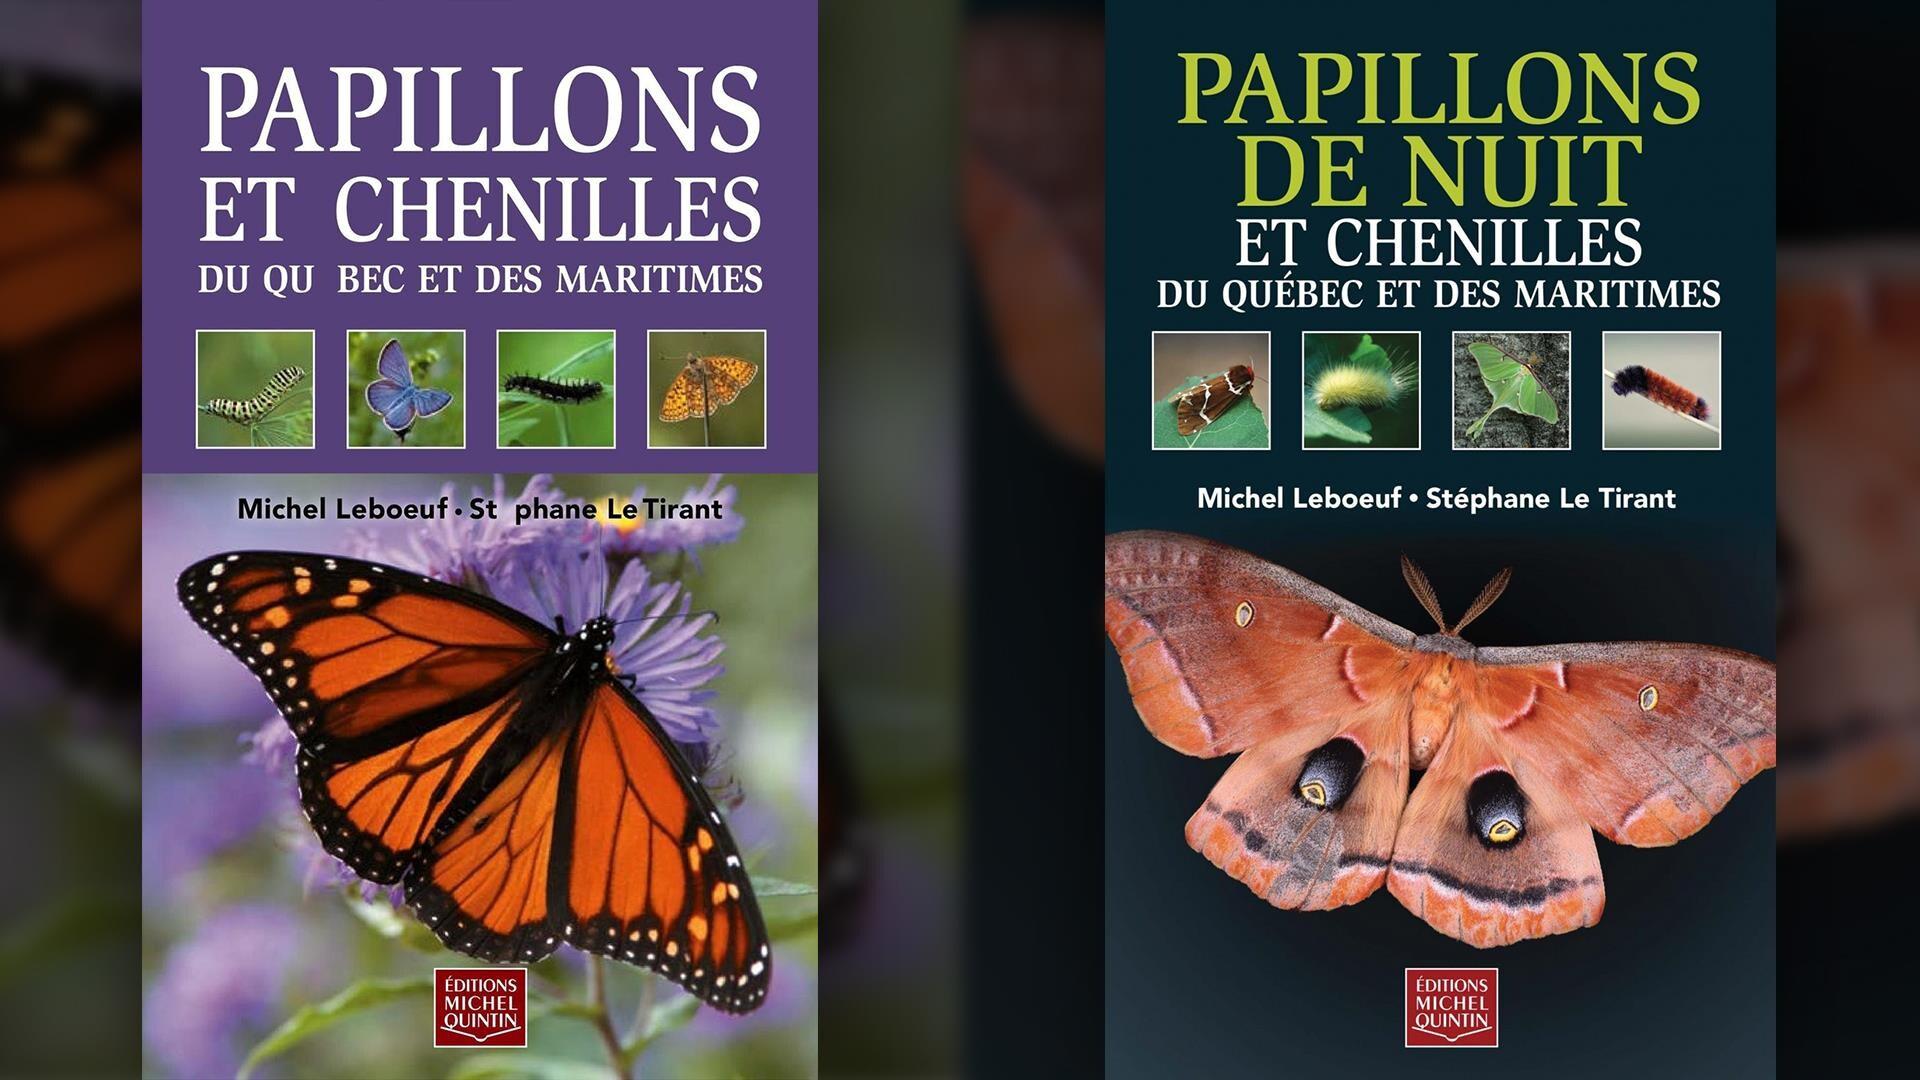 Papillons et chenilles et Papillons de nuit et chenilles du Québec et des maritimes.